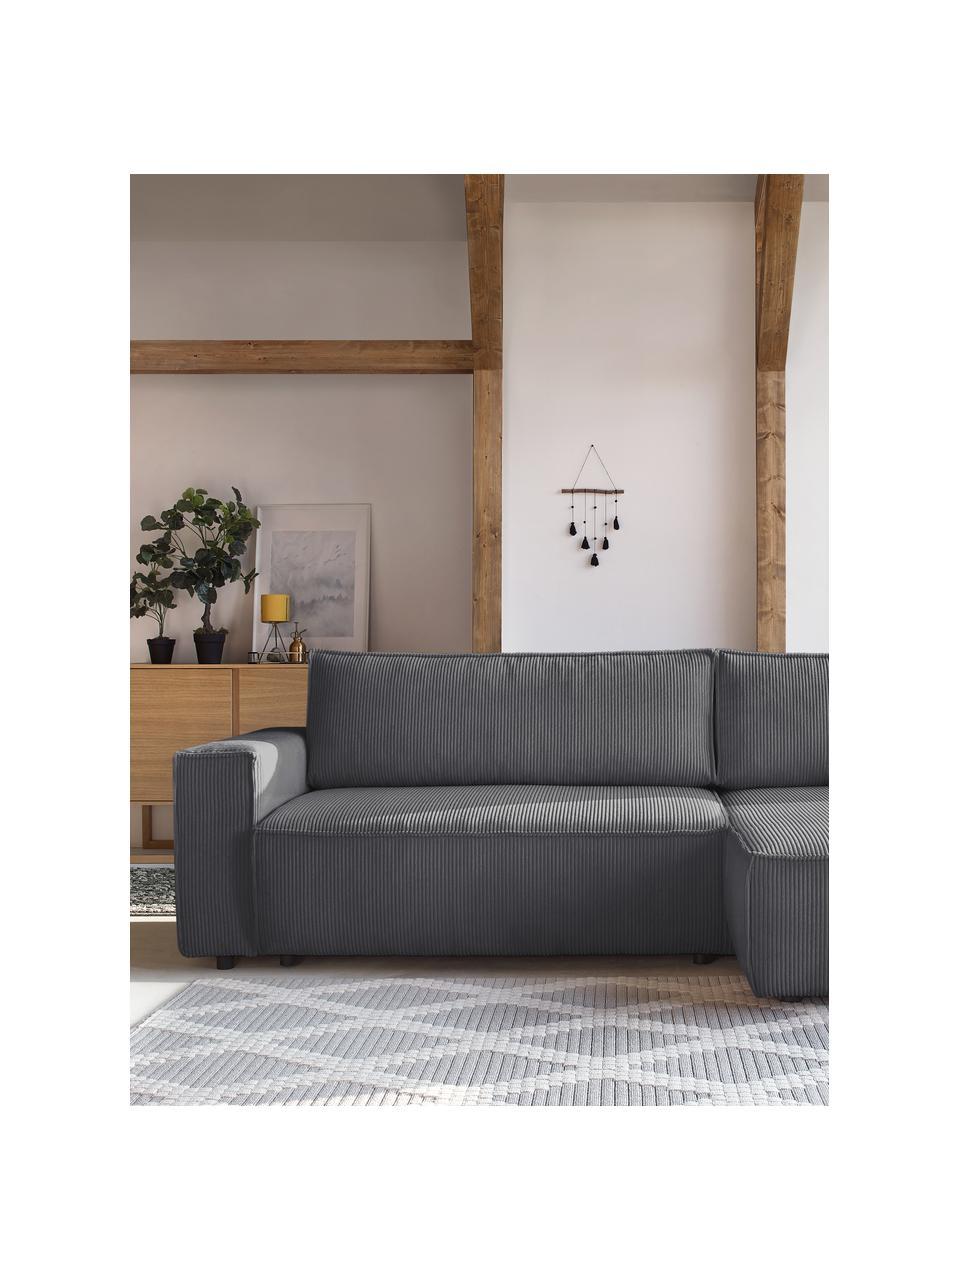 Sofa narożna ze sztruksu z funkcją spania i miejscem do przechowywania Nihad, Tapicerka: sztruks poliestrowy, Nogi: tworzywo sztuczne, Ciemnyszary, S 282 x G 153 cm